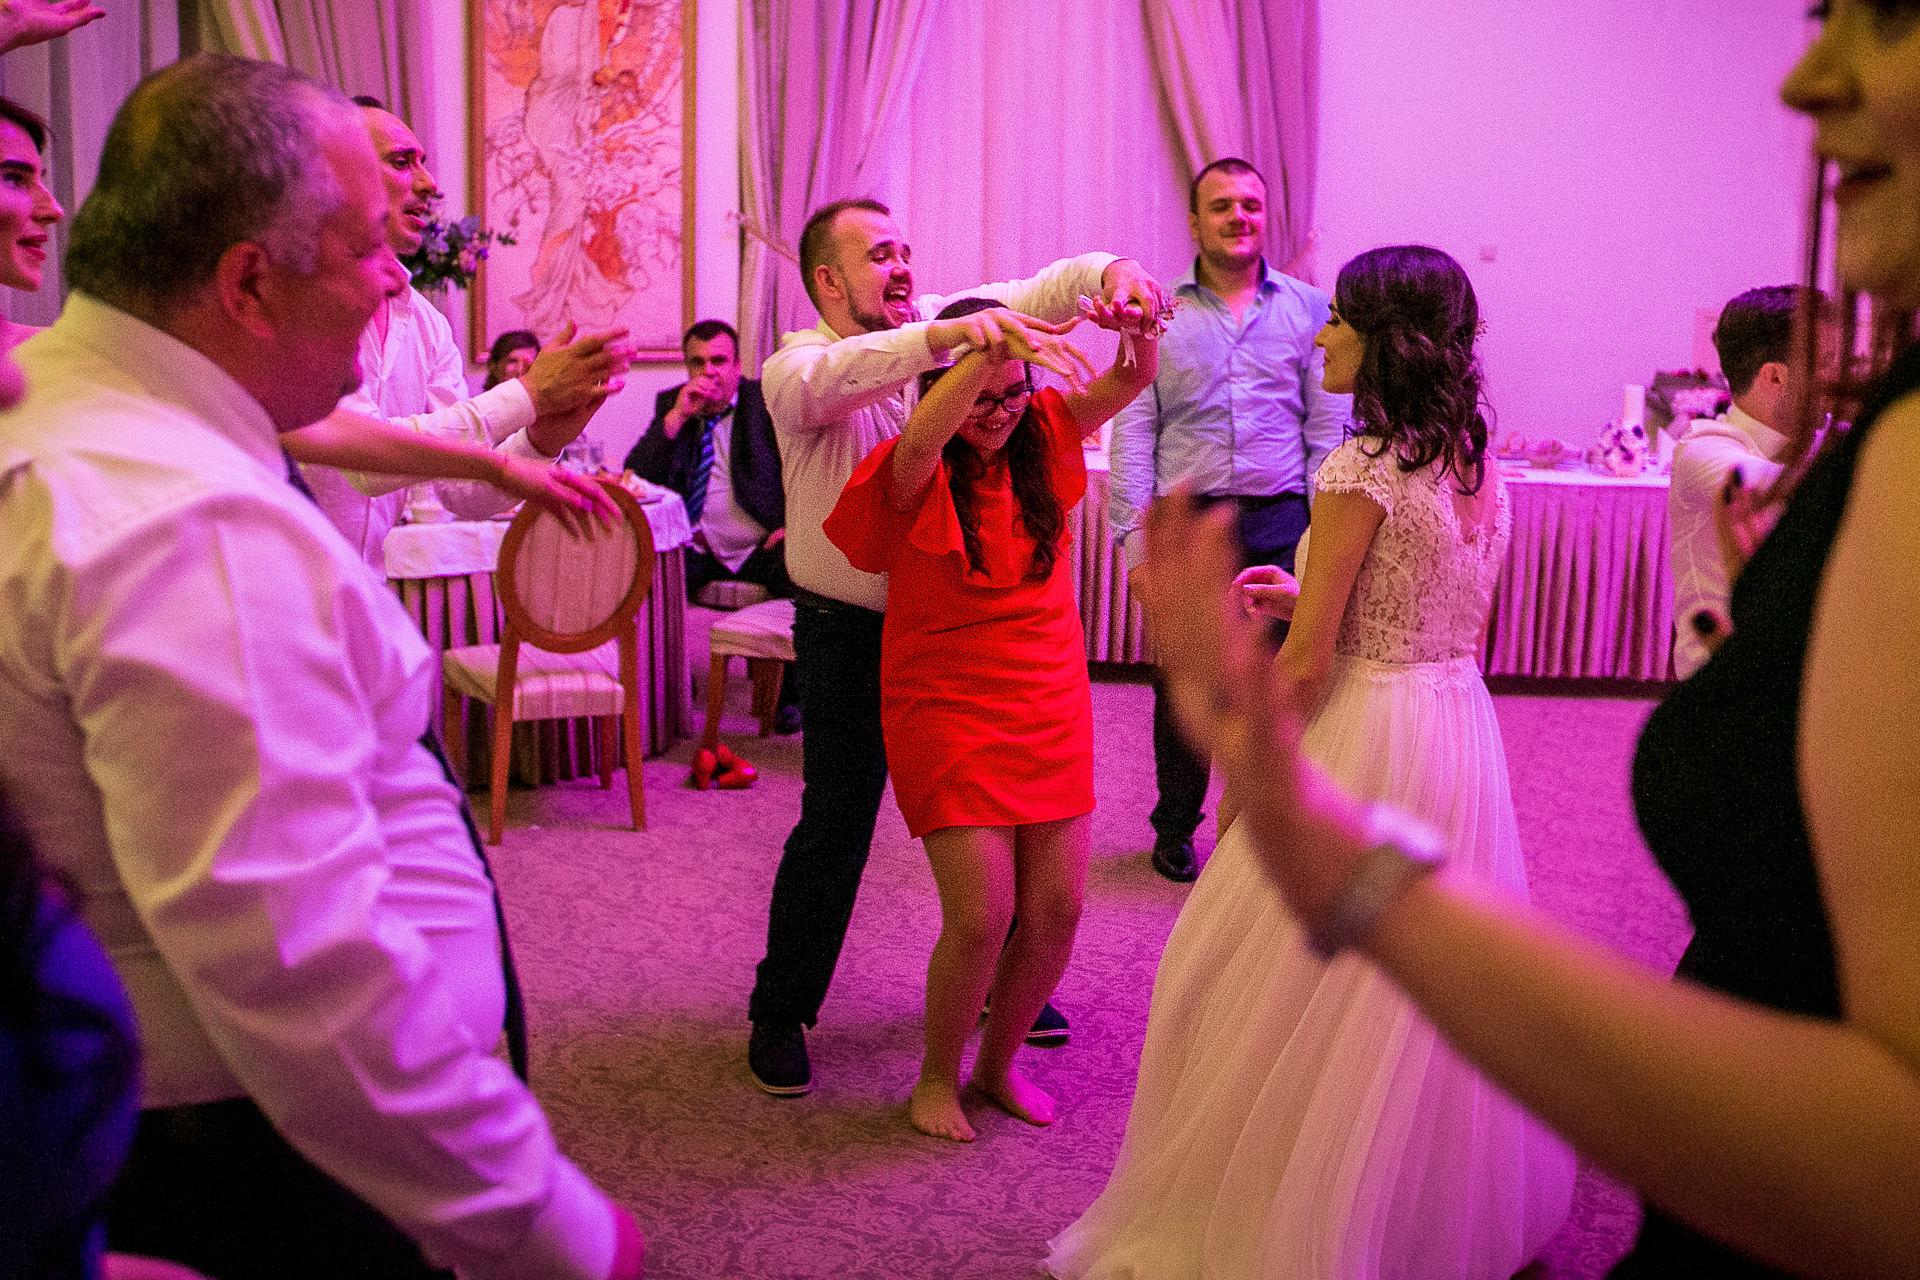 nuntă Salon Elisabeta - Elena şi Costin - Mihai Zaharia Photography - 092